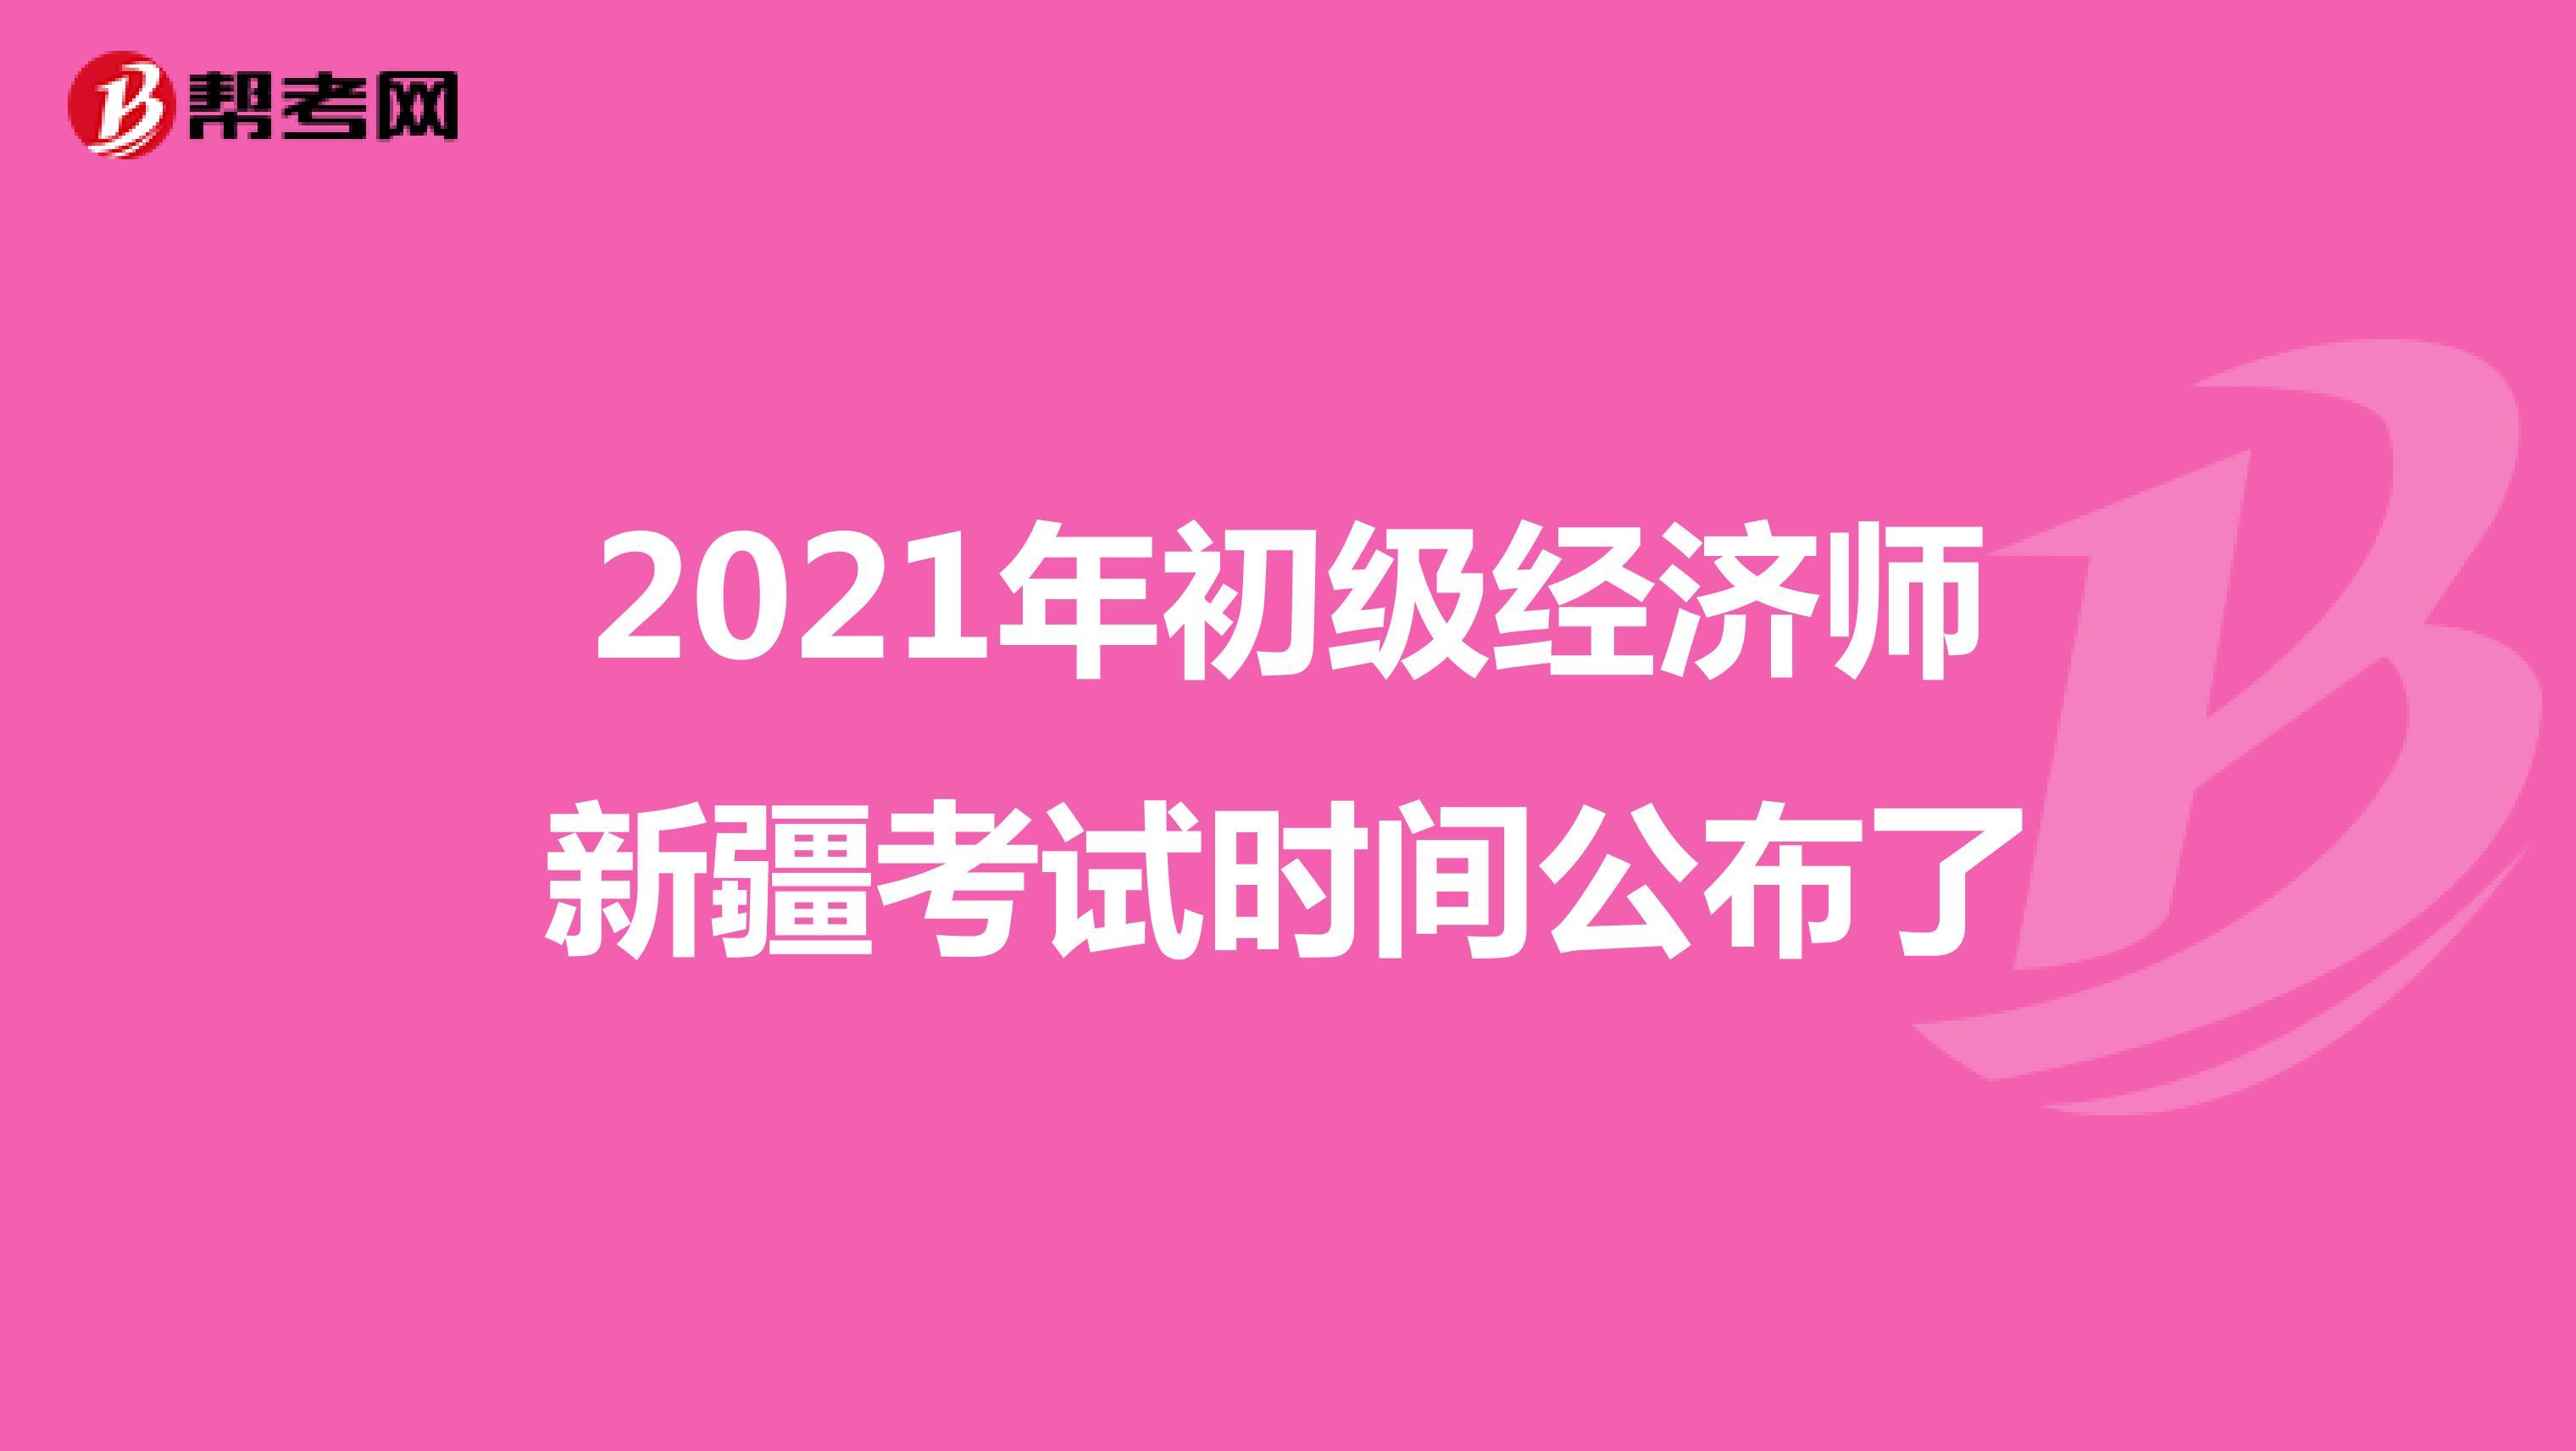 2021年初级经济师新疆考试时间公布了